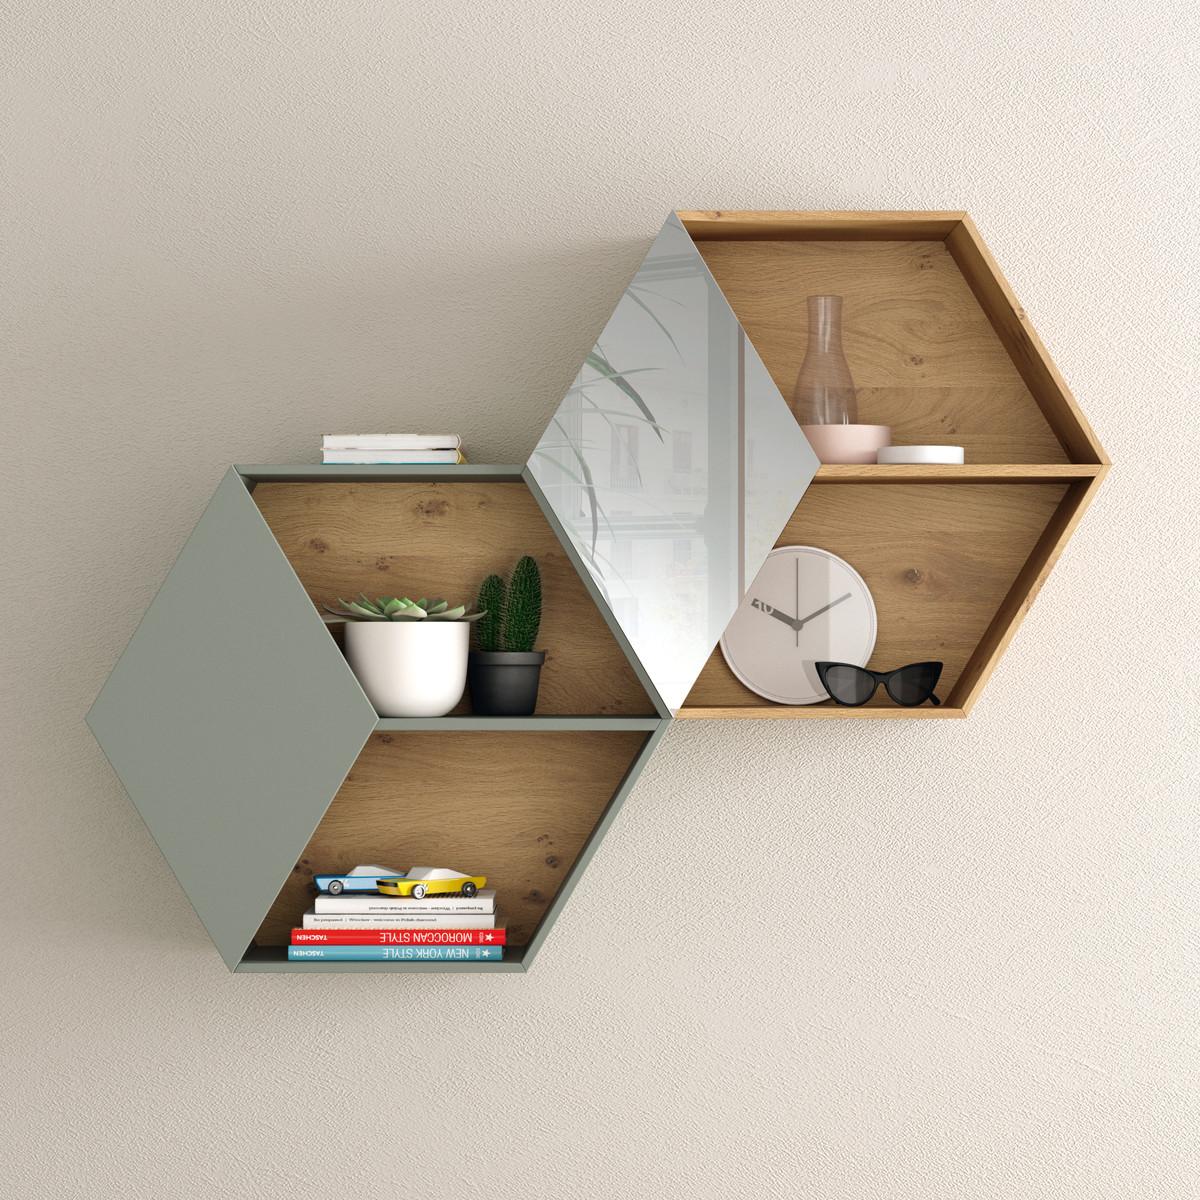 Półka w kształcie szcześciokątu